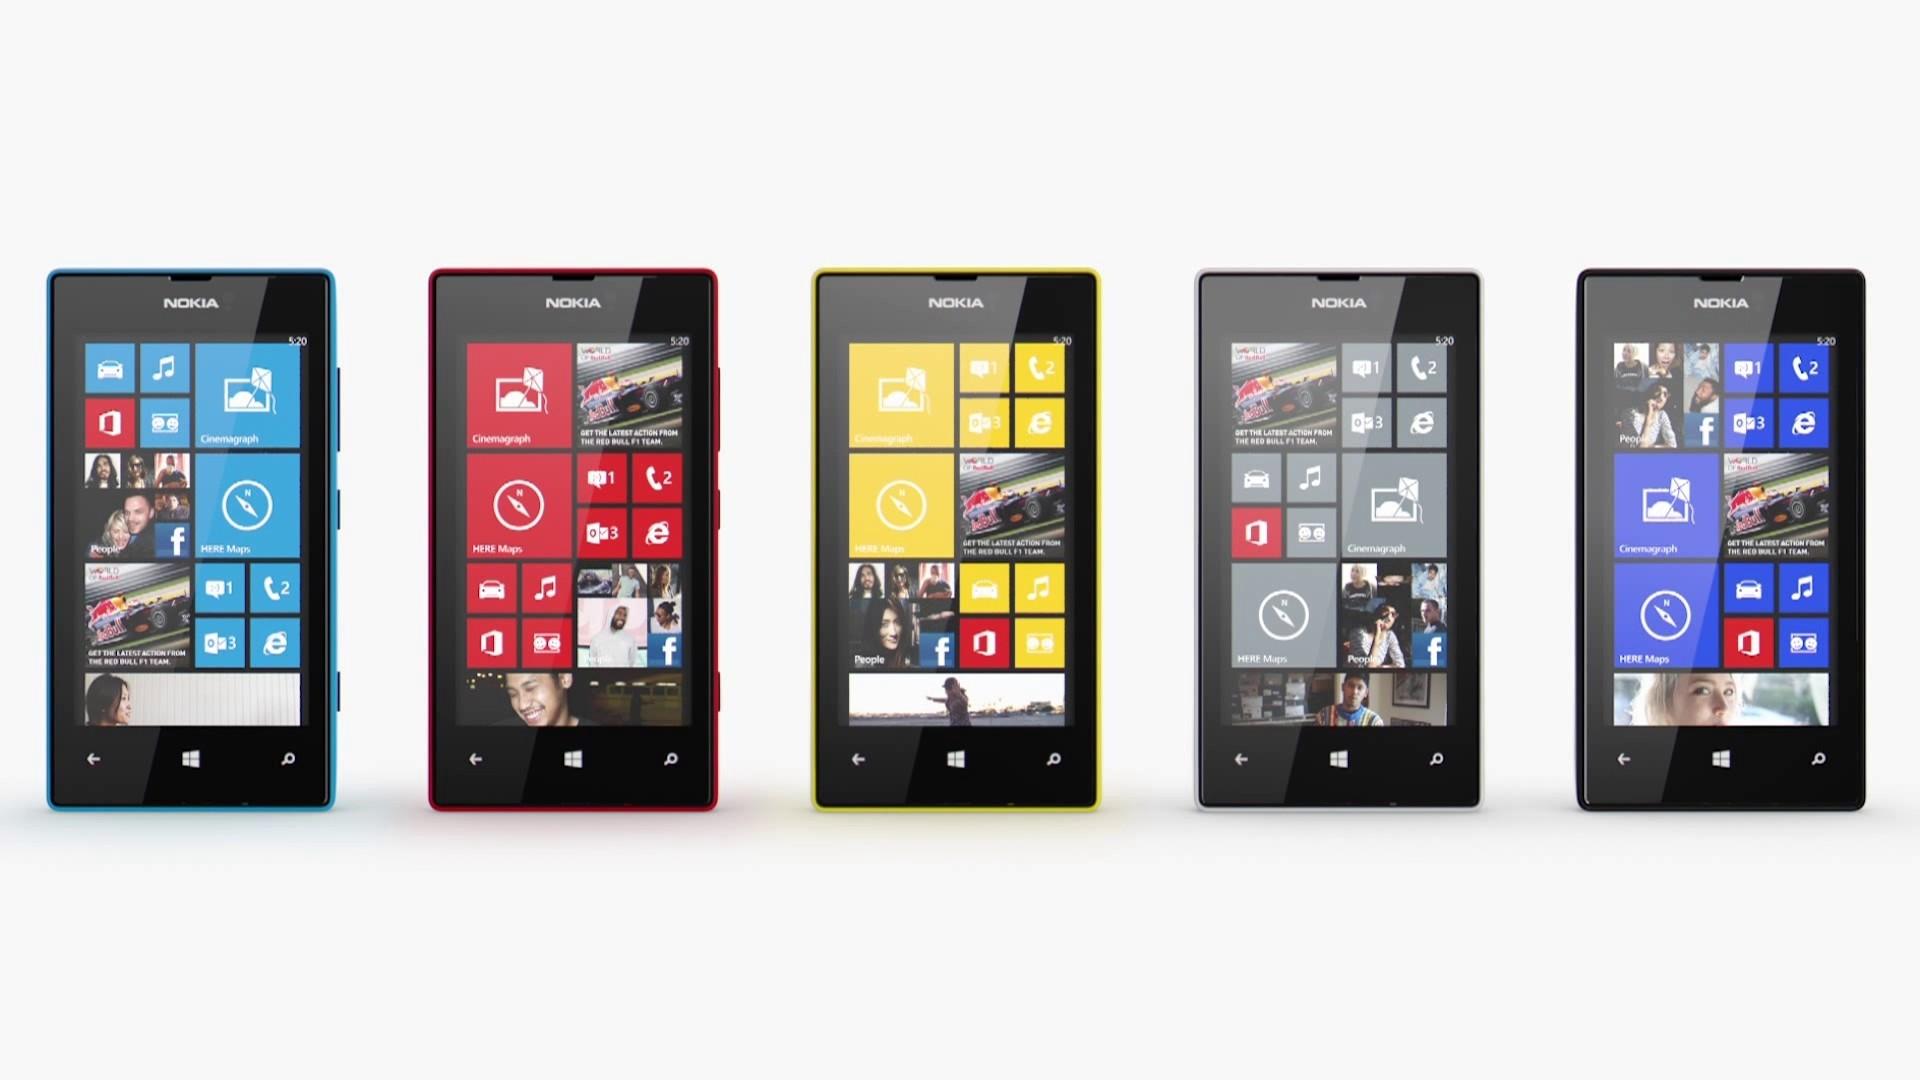 Déploiement en cours de Lumia Cyan pour le Lumia 520